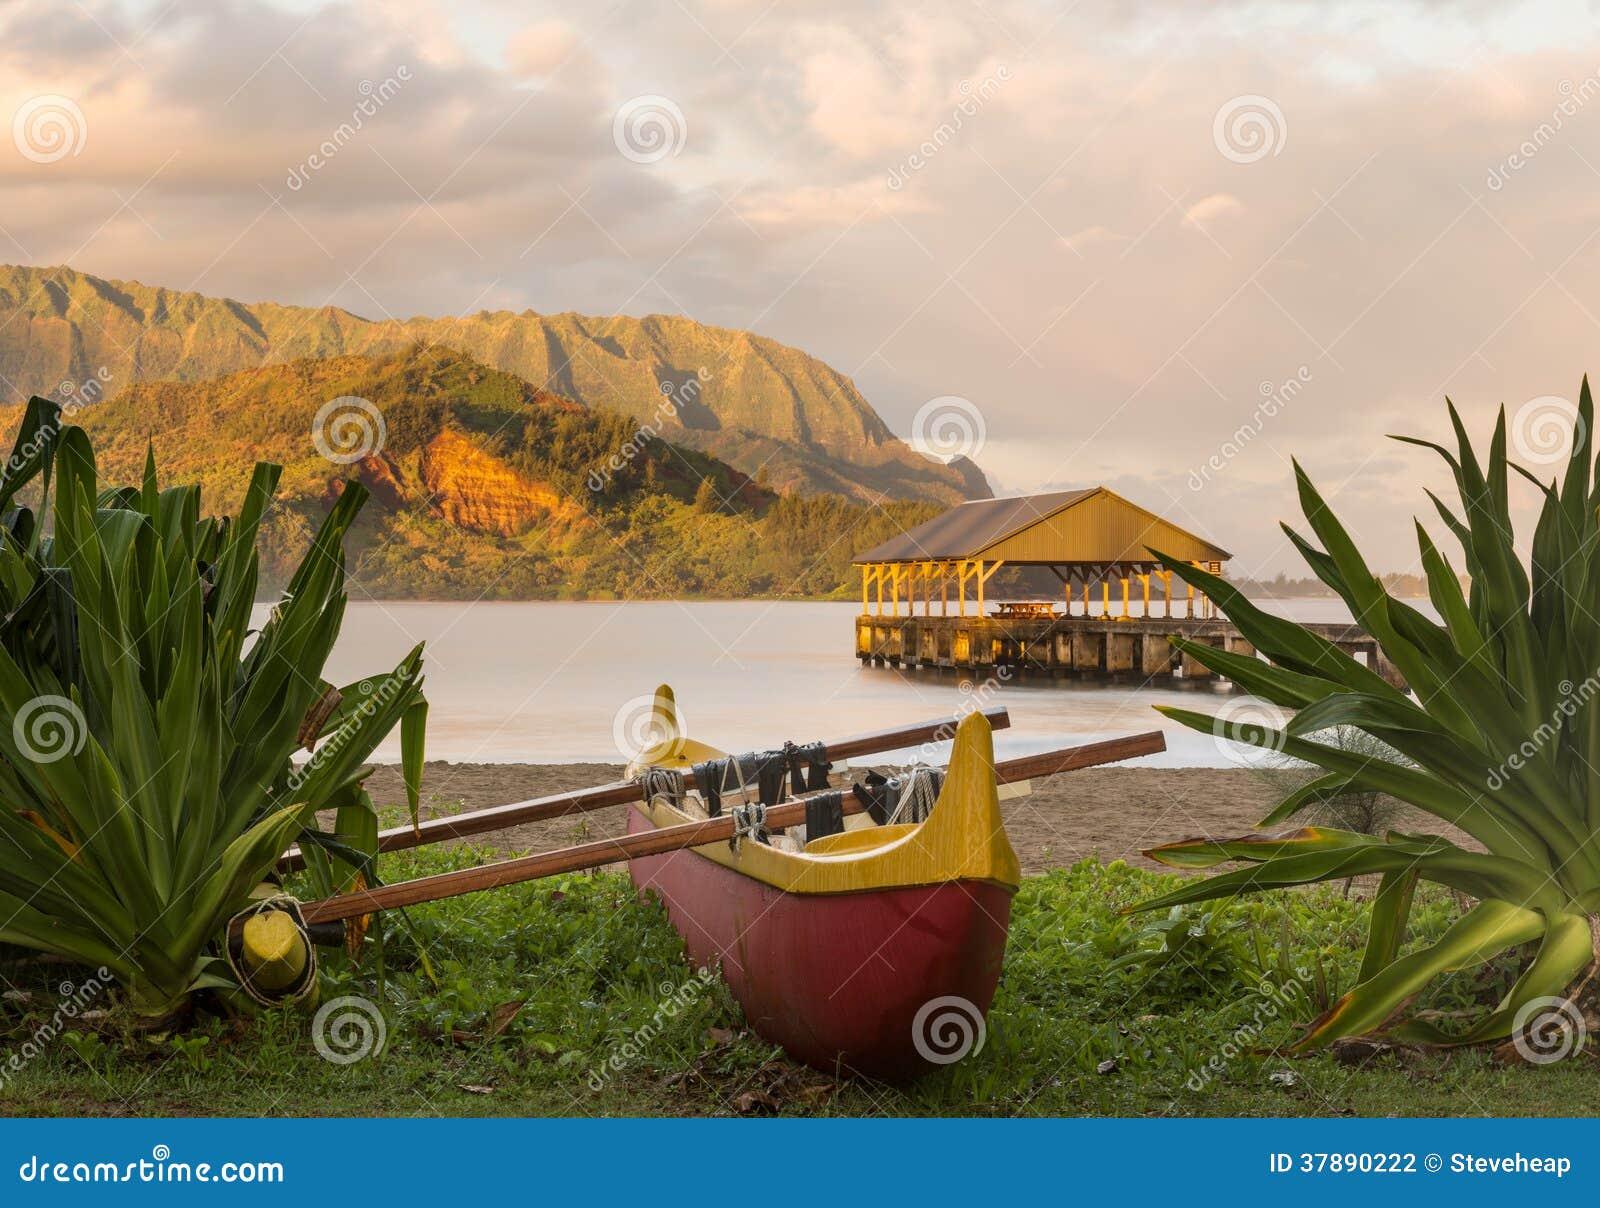 Hawaiiaanse kano door Hanalei Pier